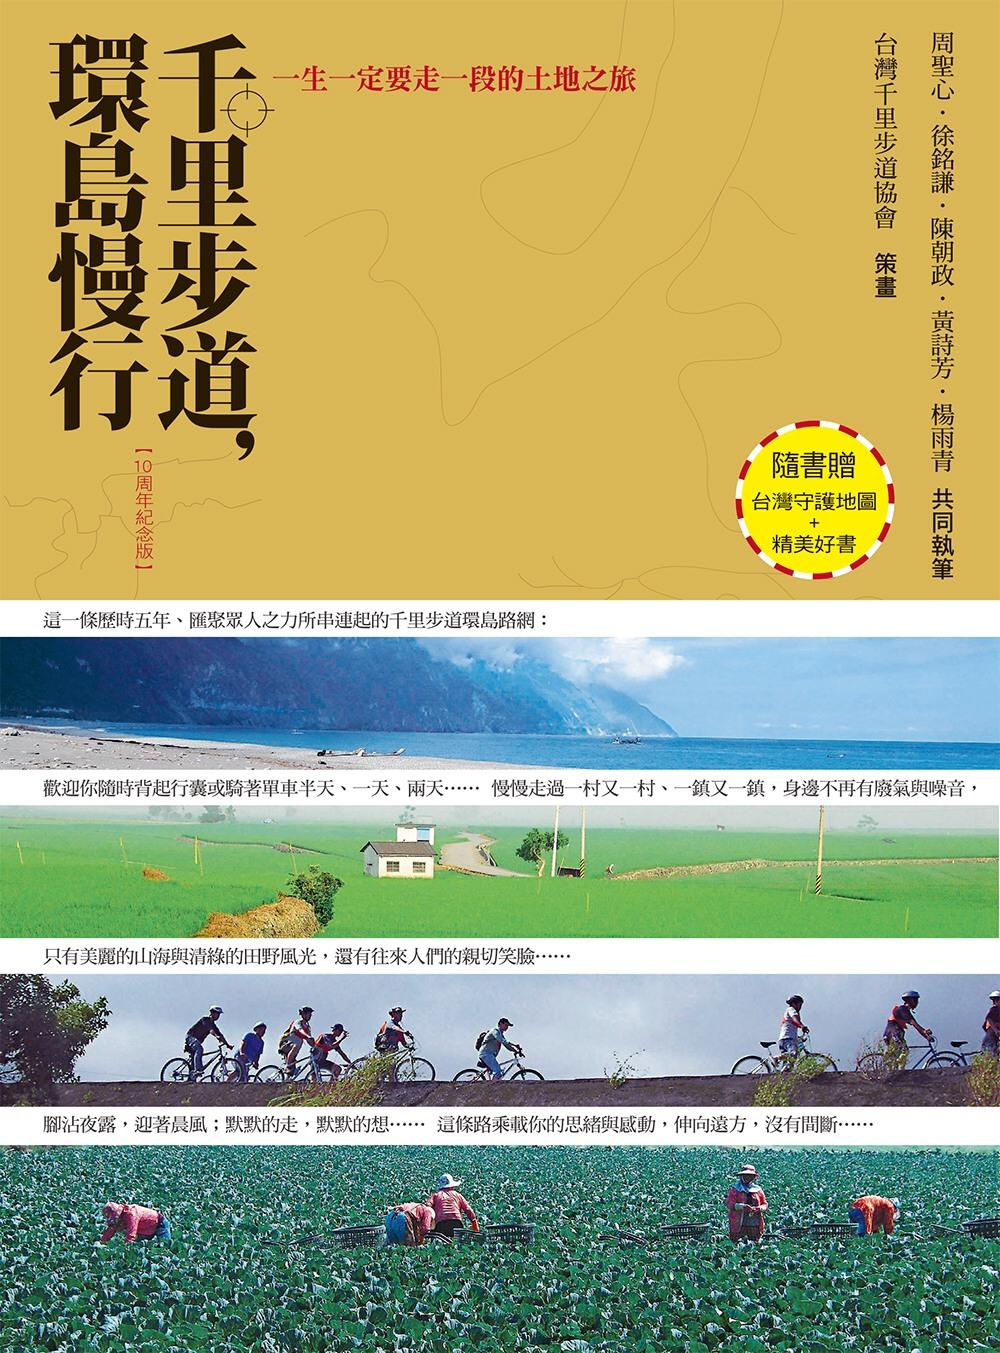 千里步道,環島慢行行:一生一定要走一段的土地之旅(10周年紀念版,隨書附贈:《我在阿塱壹,深呼吸》+ 2016台灣守護地圖)